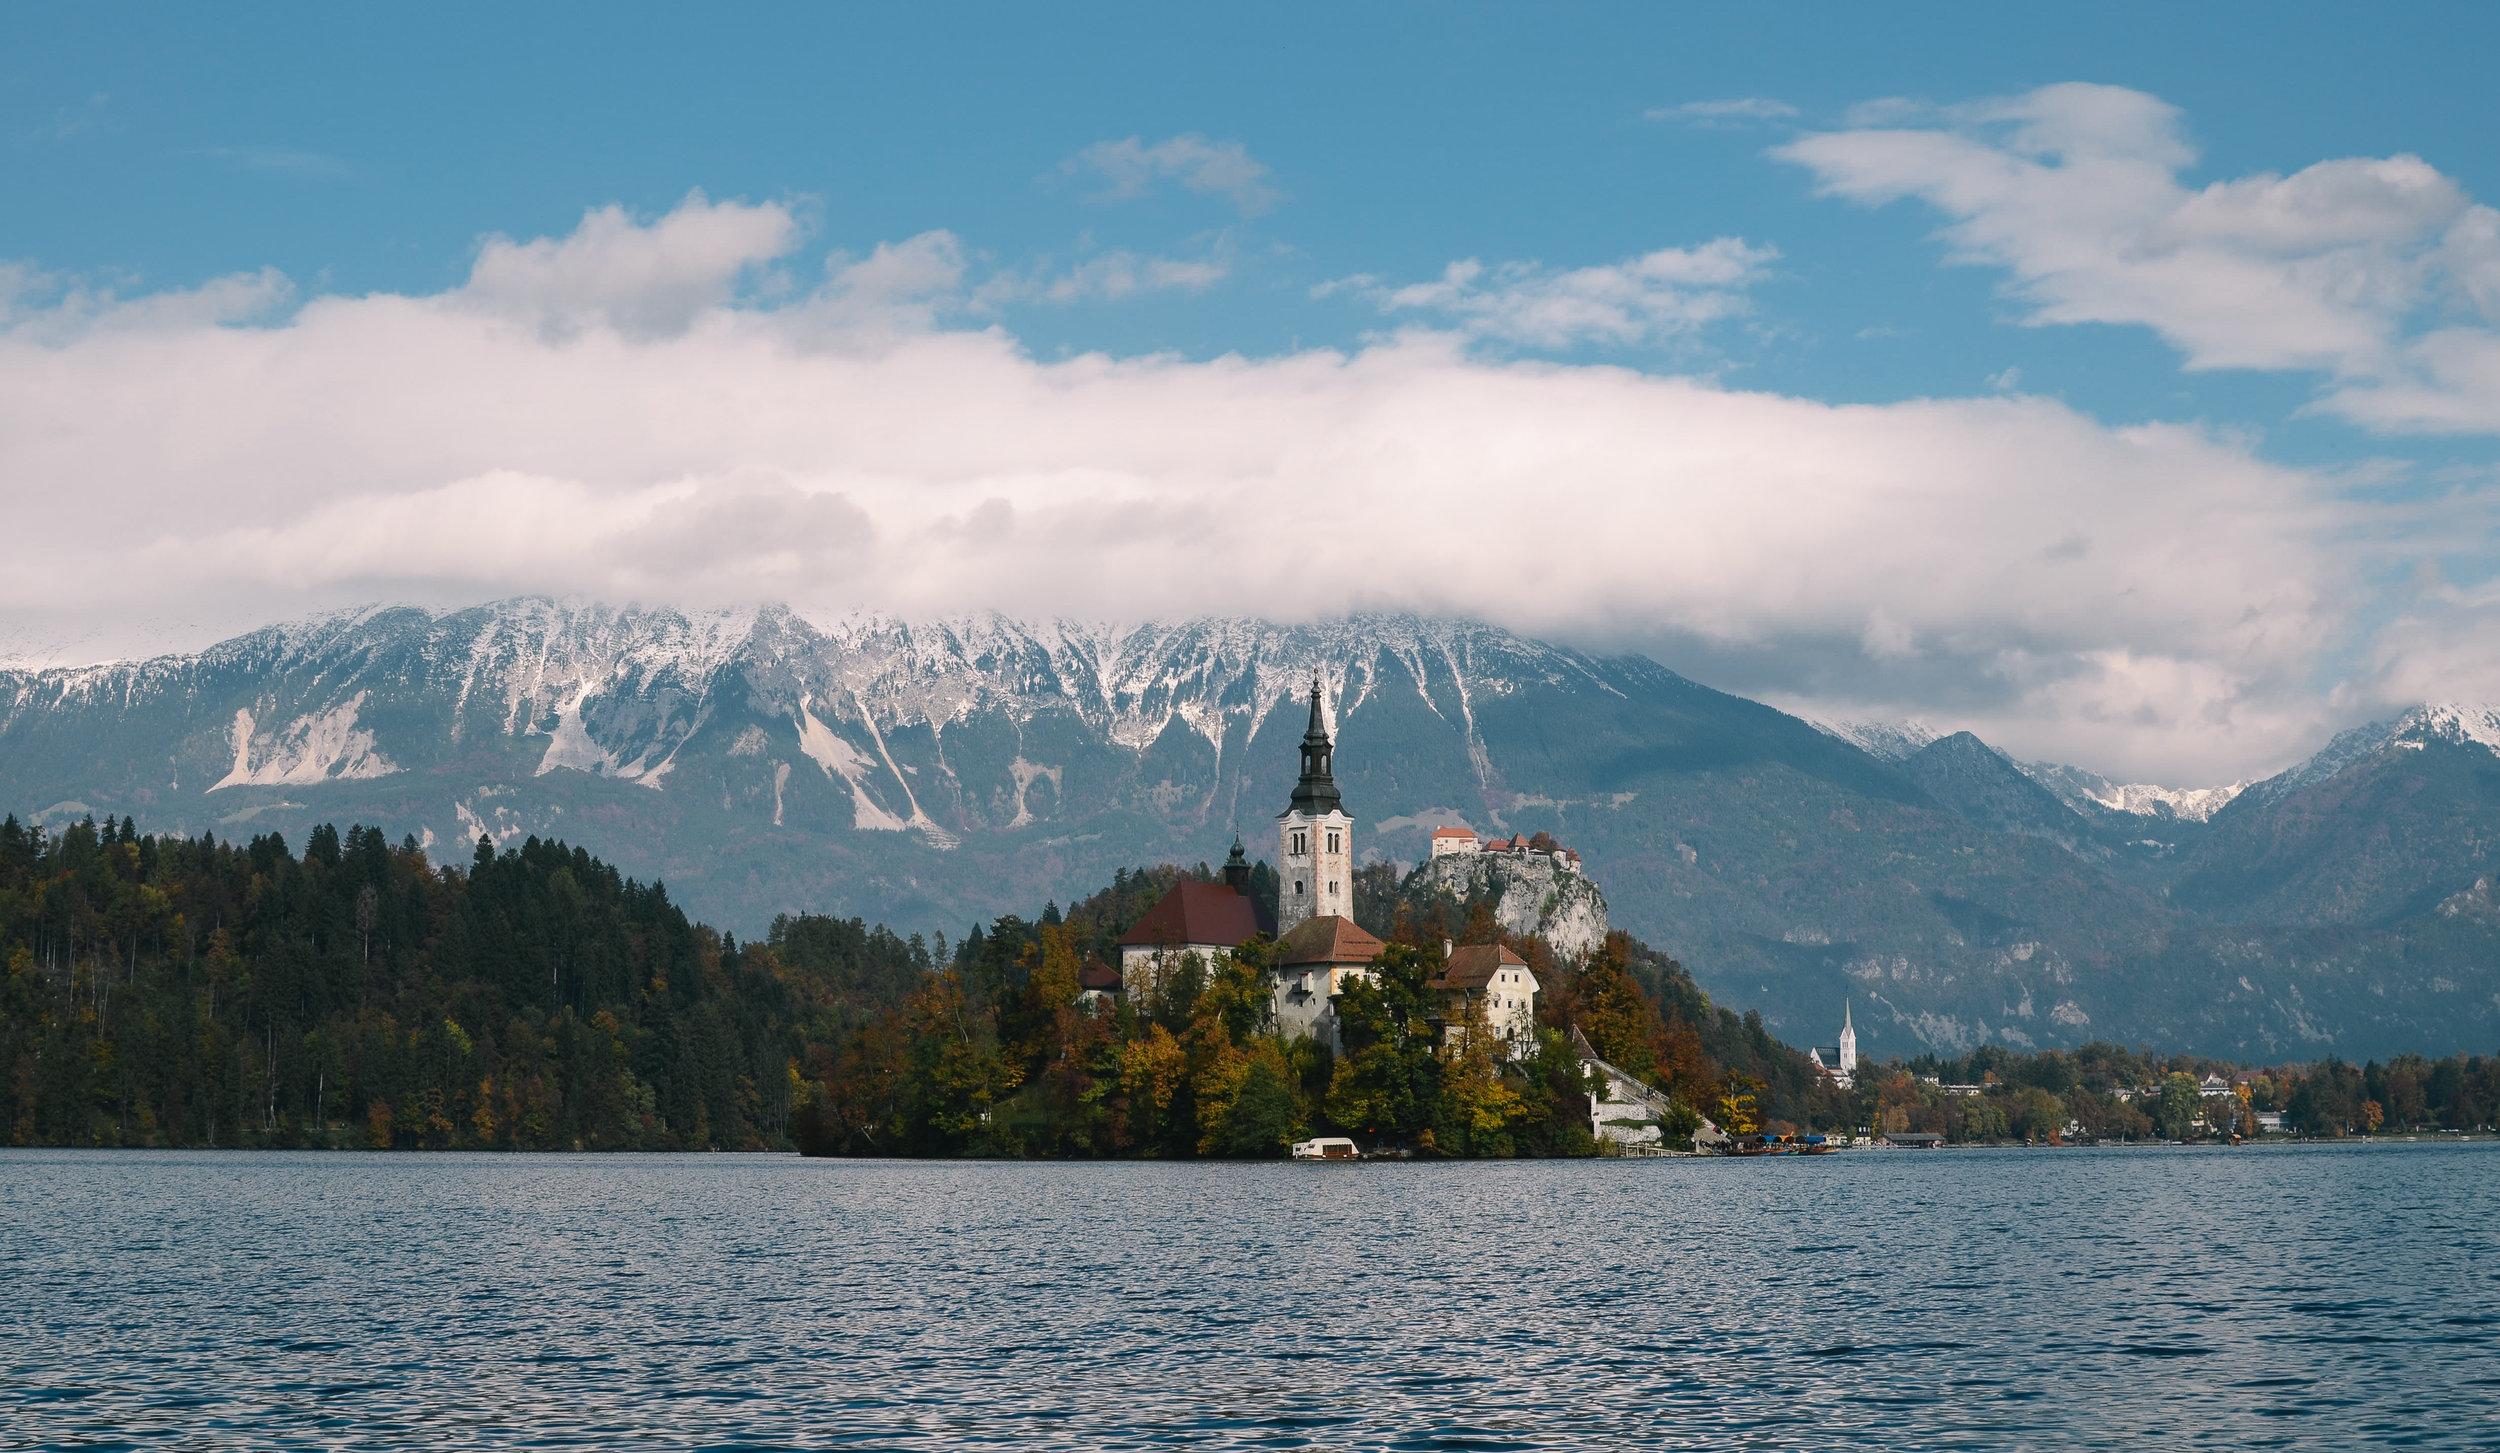 lake-bled-slovenia-travel-guide-lifeonpine_DSC_1123.jpg